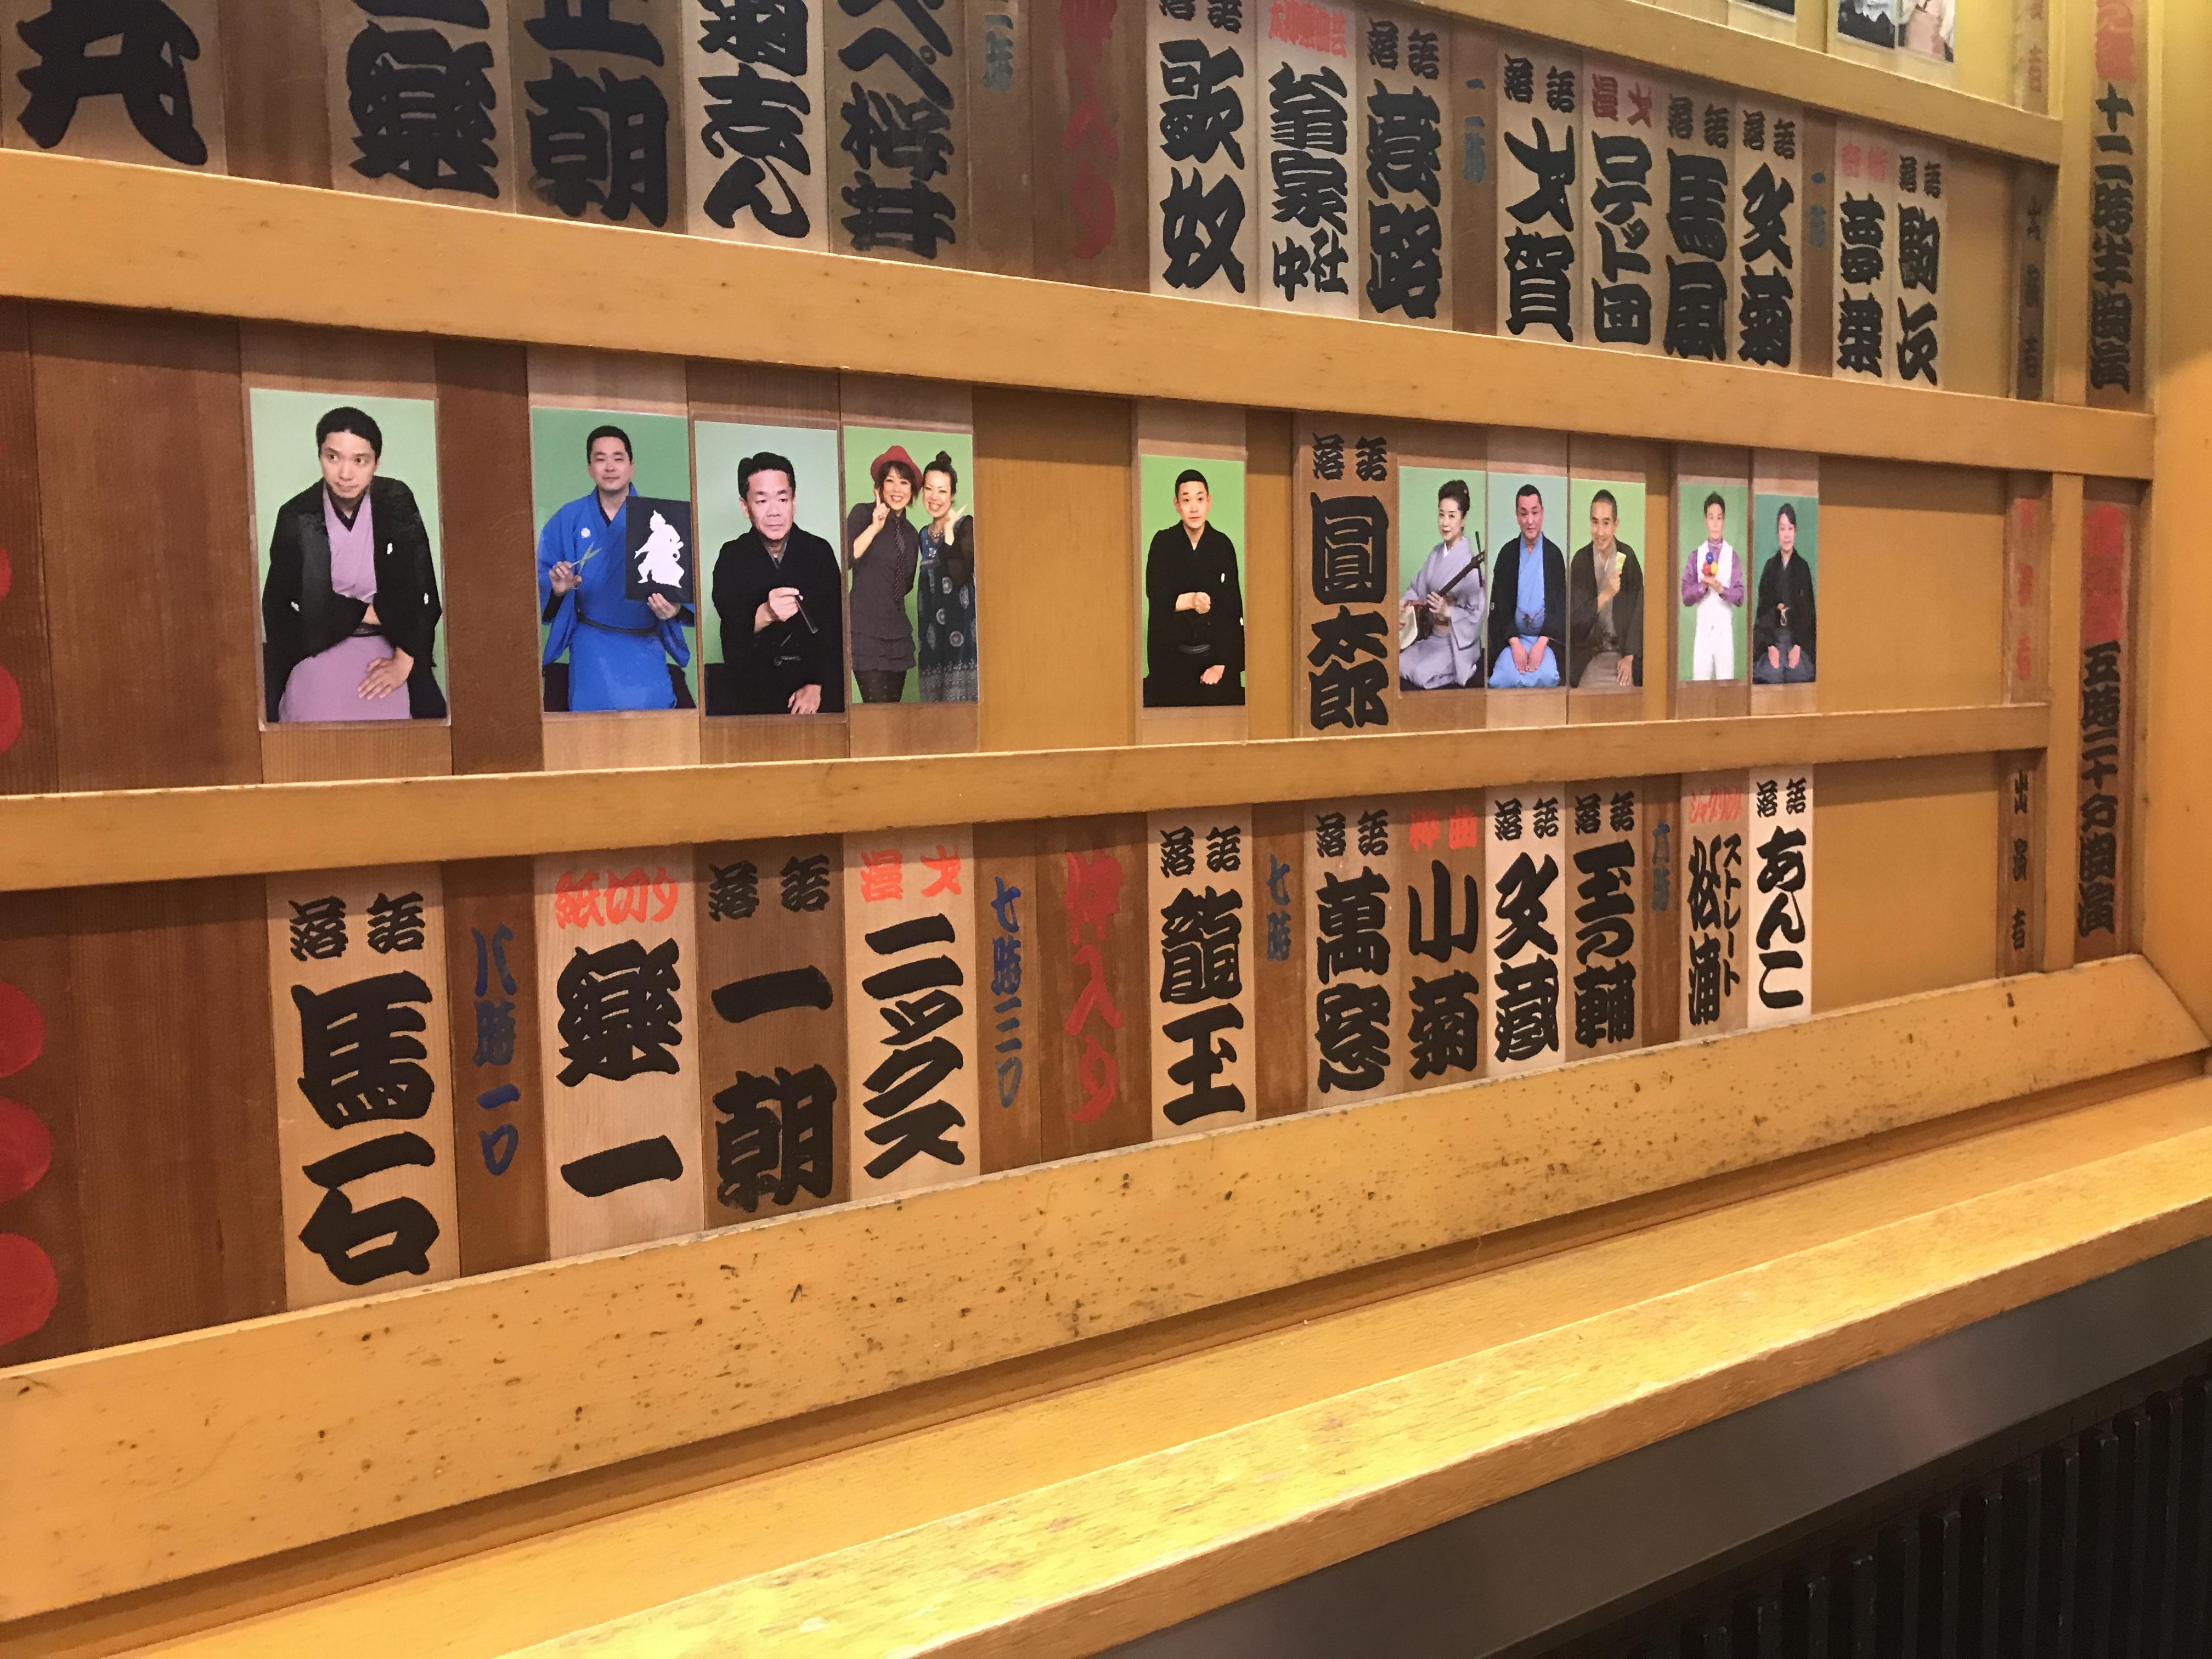 鈴本演芸場 2018年2月中席